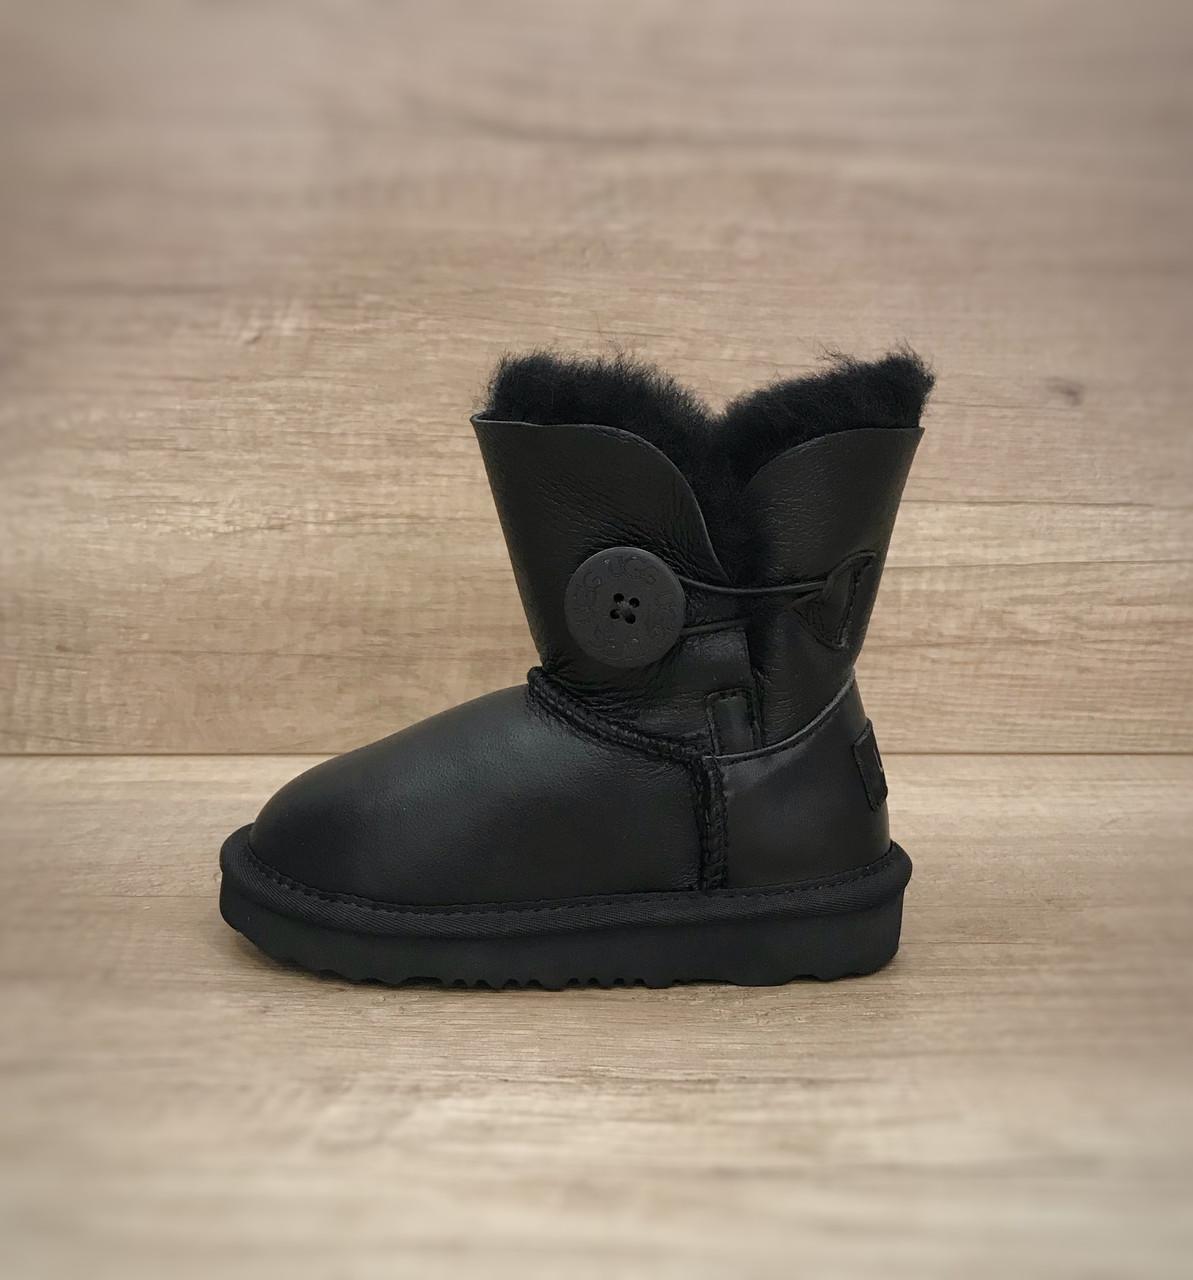 UGG Kids Bailey Button Black Leather Детские угги с пуговицей черные кожаные